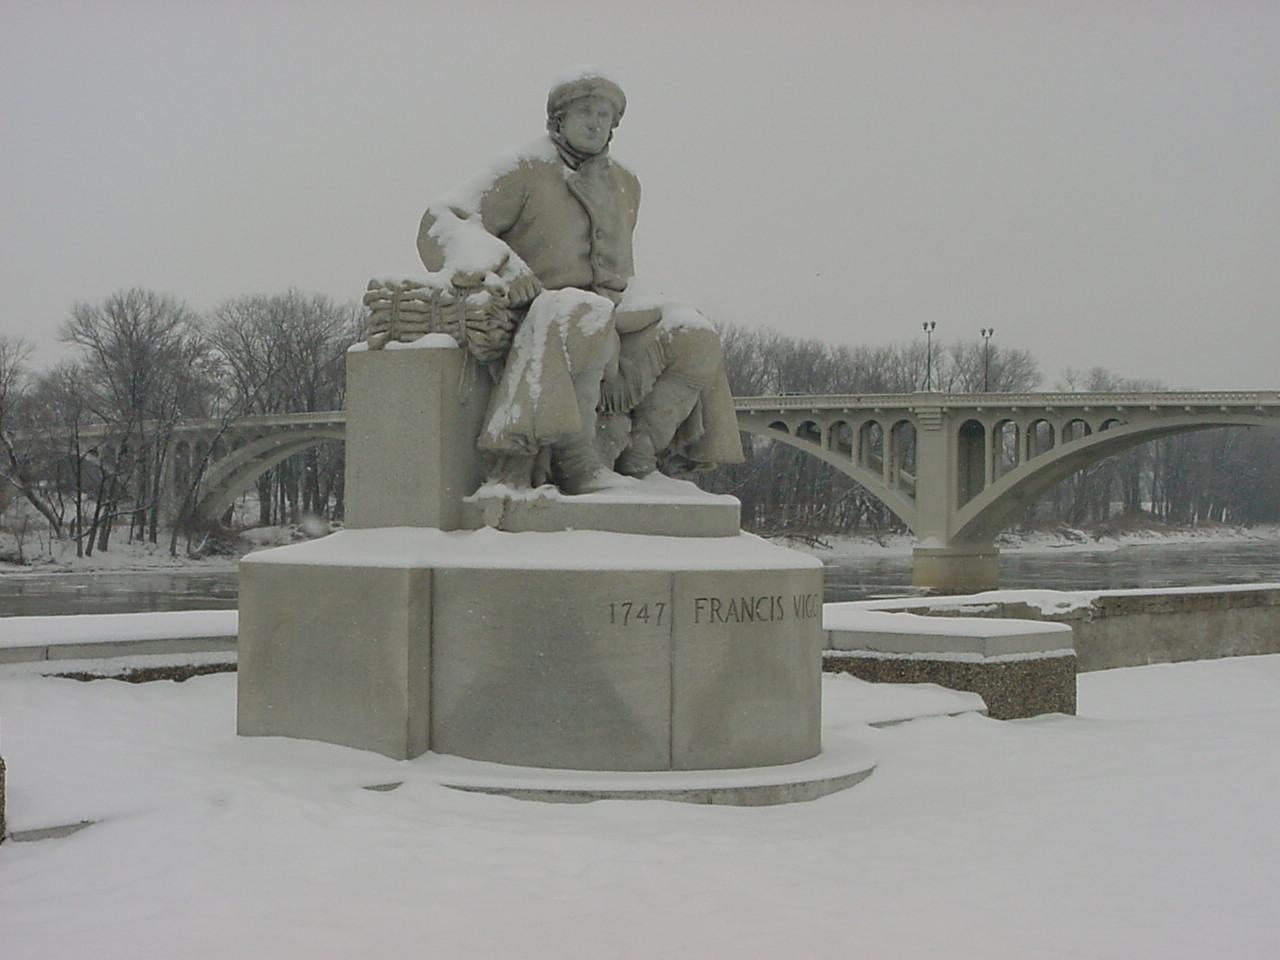 Francis Vigo Memorial Statue